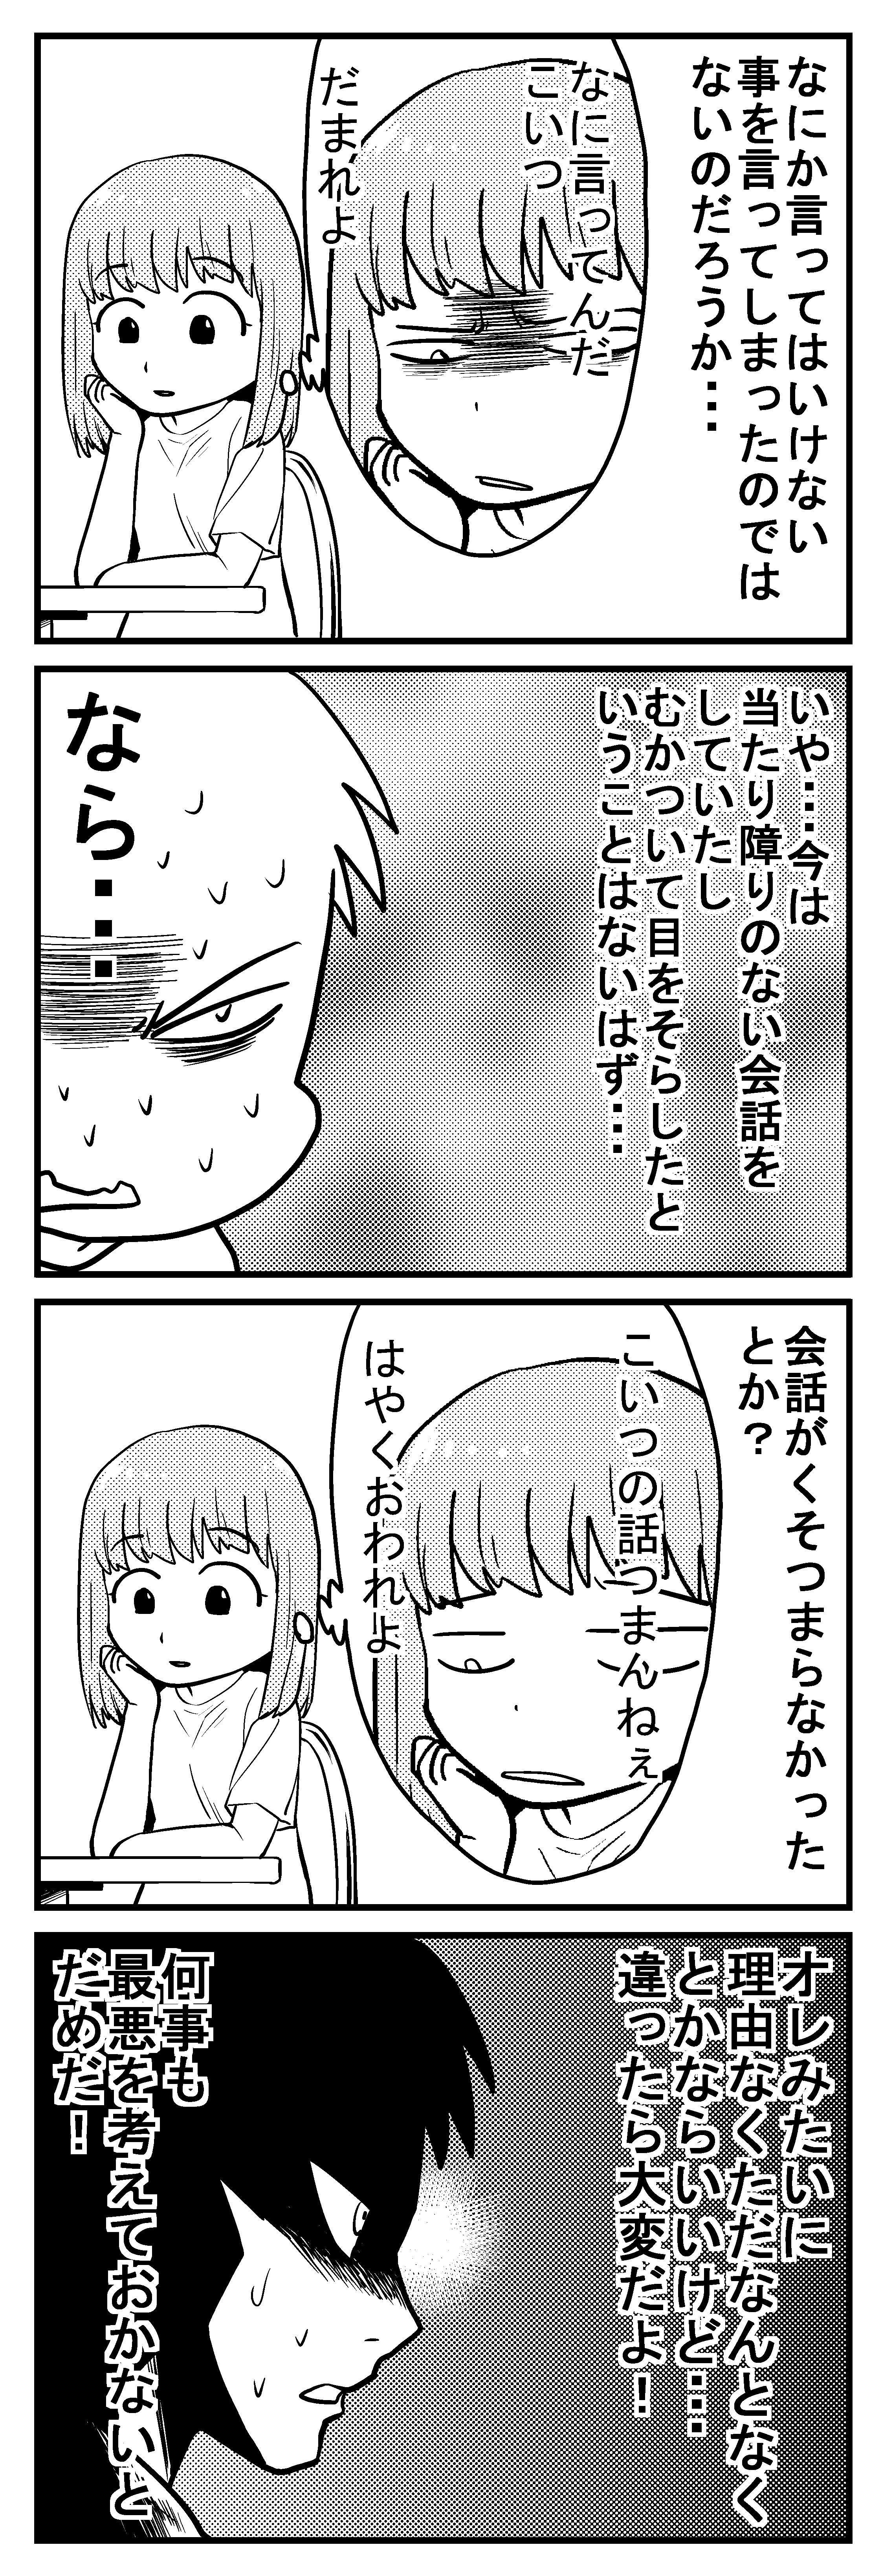 深読みくん18-3